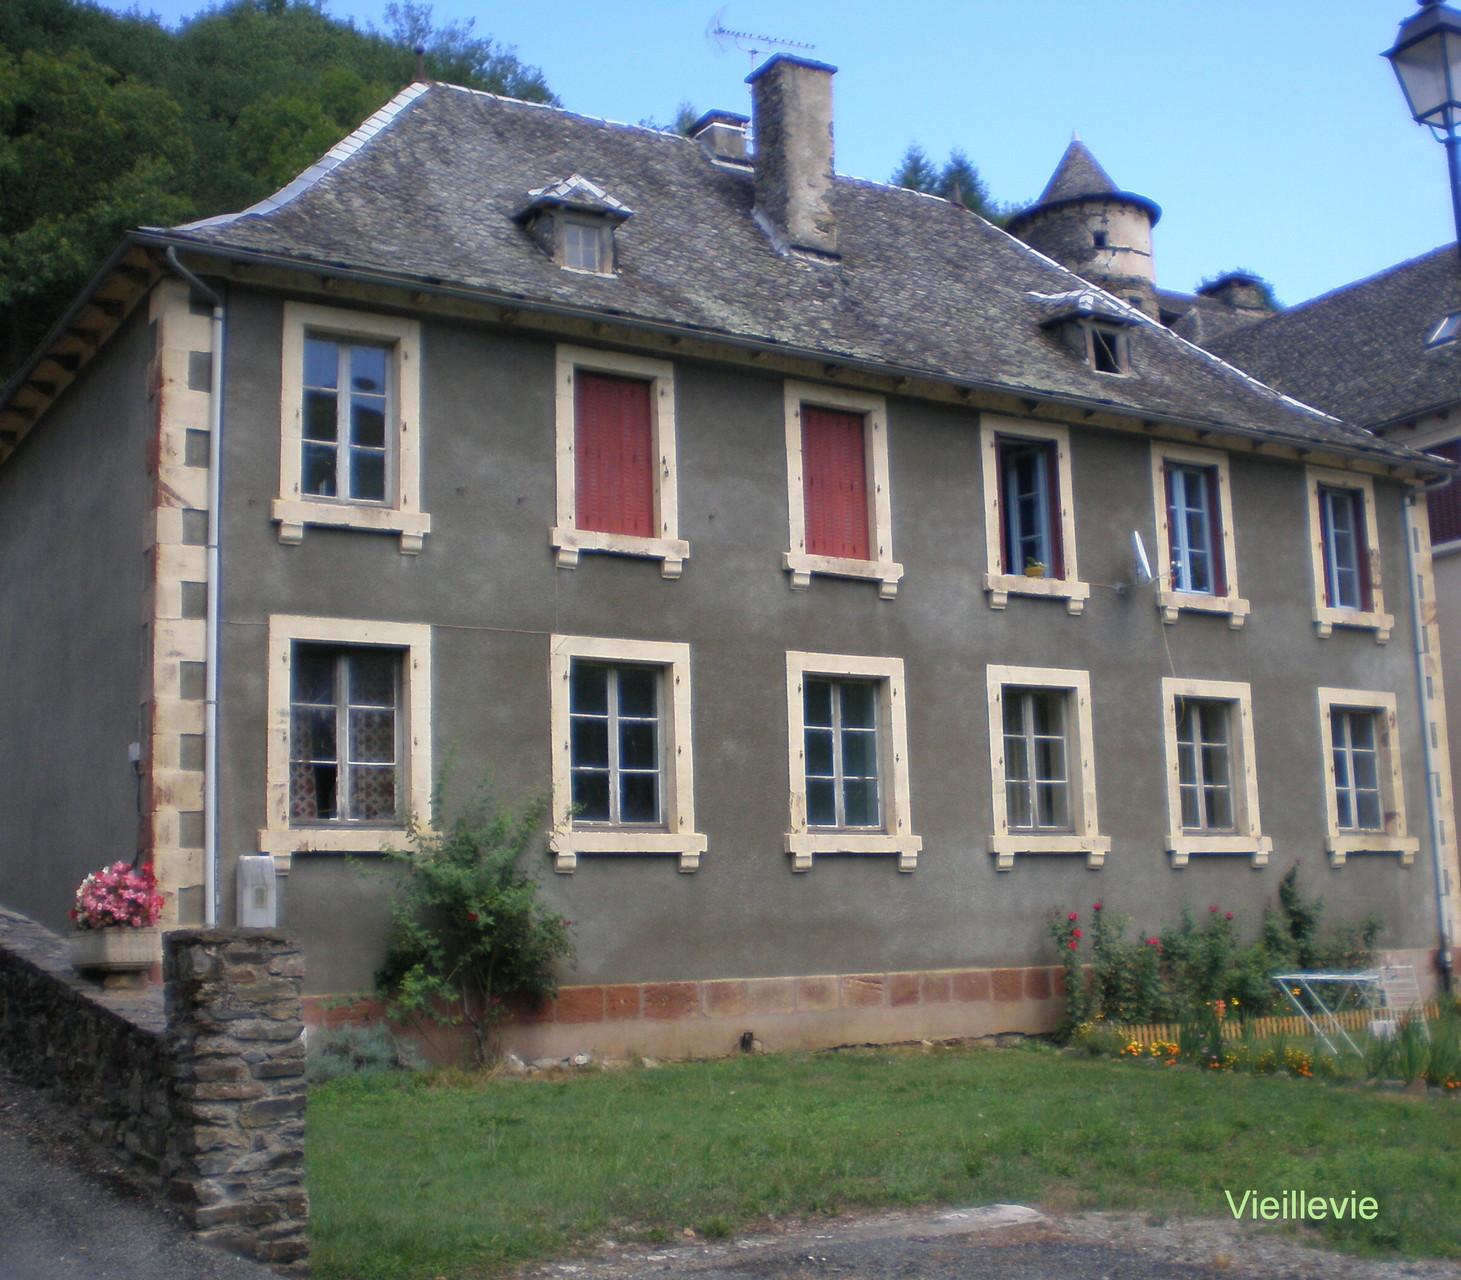 Ecole de Vieillevie